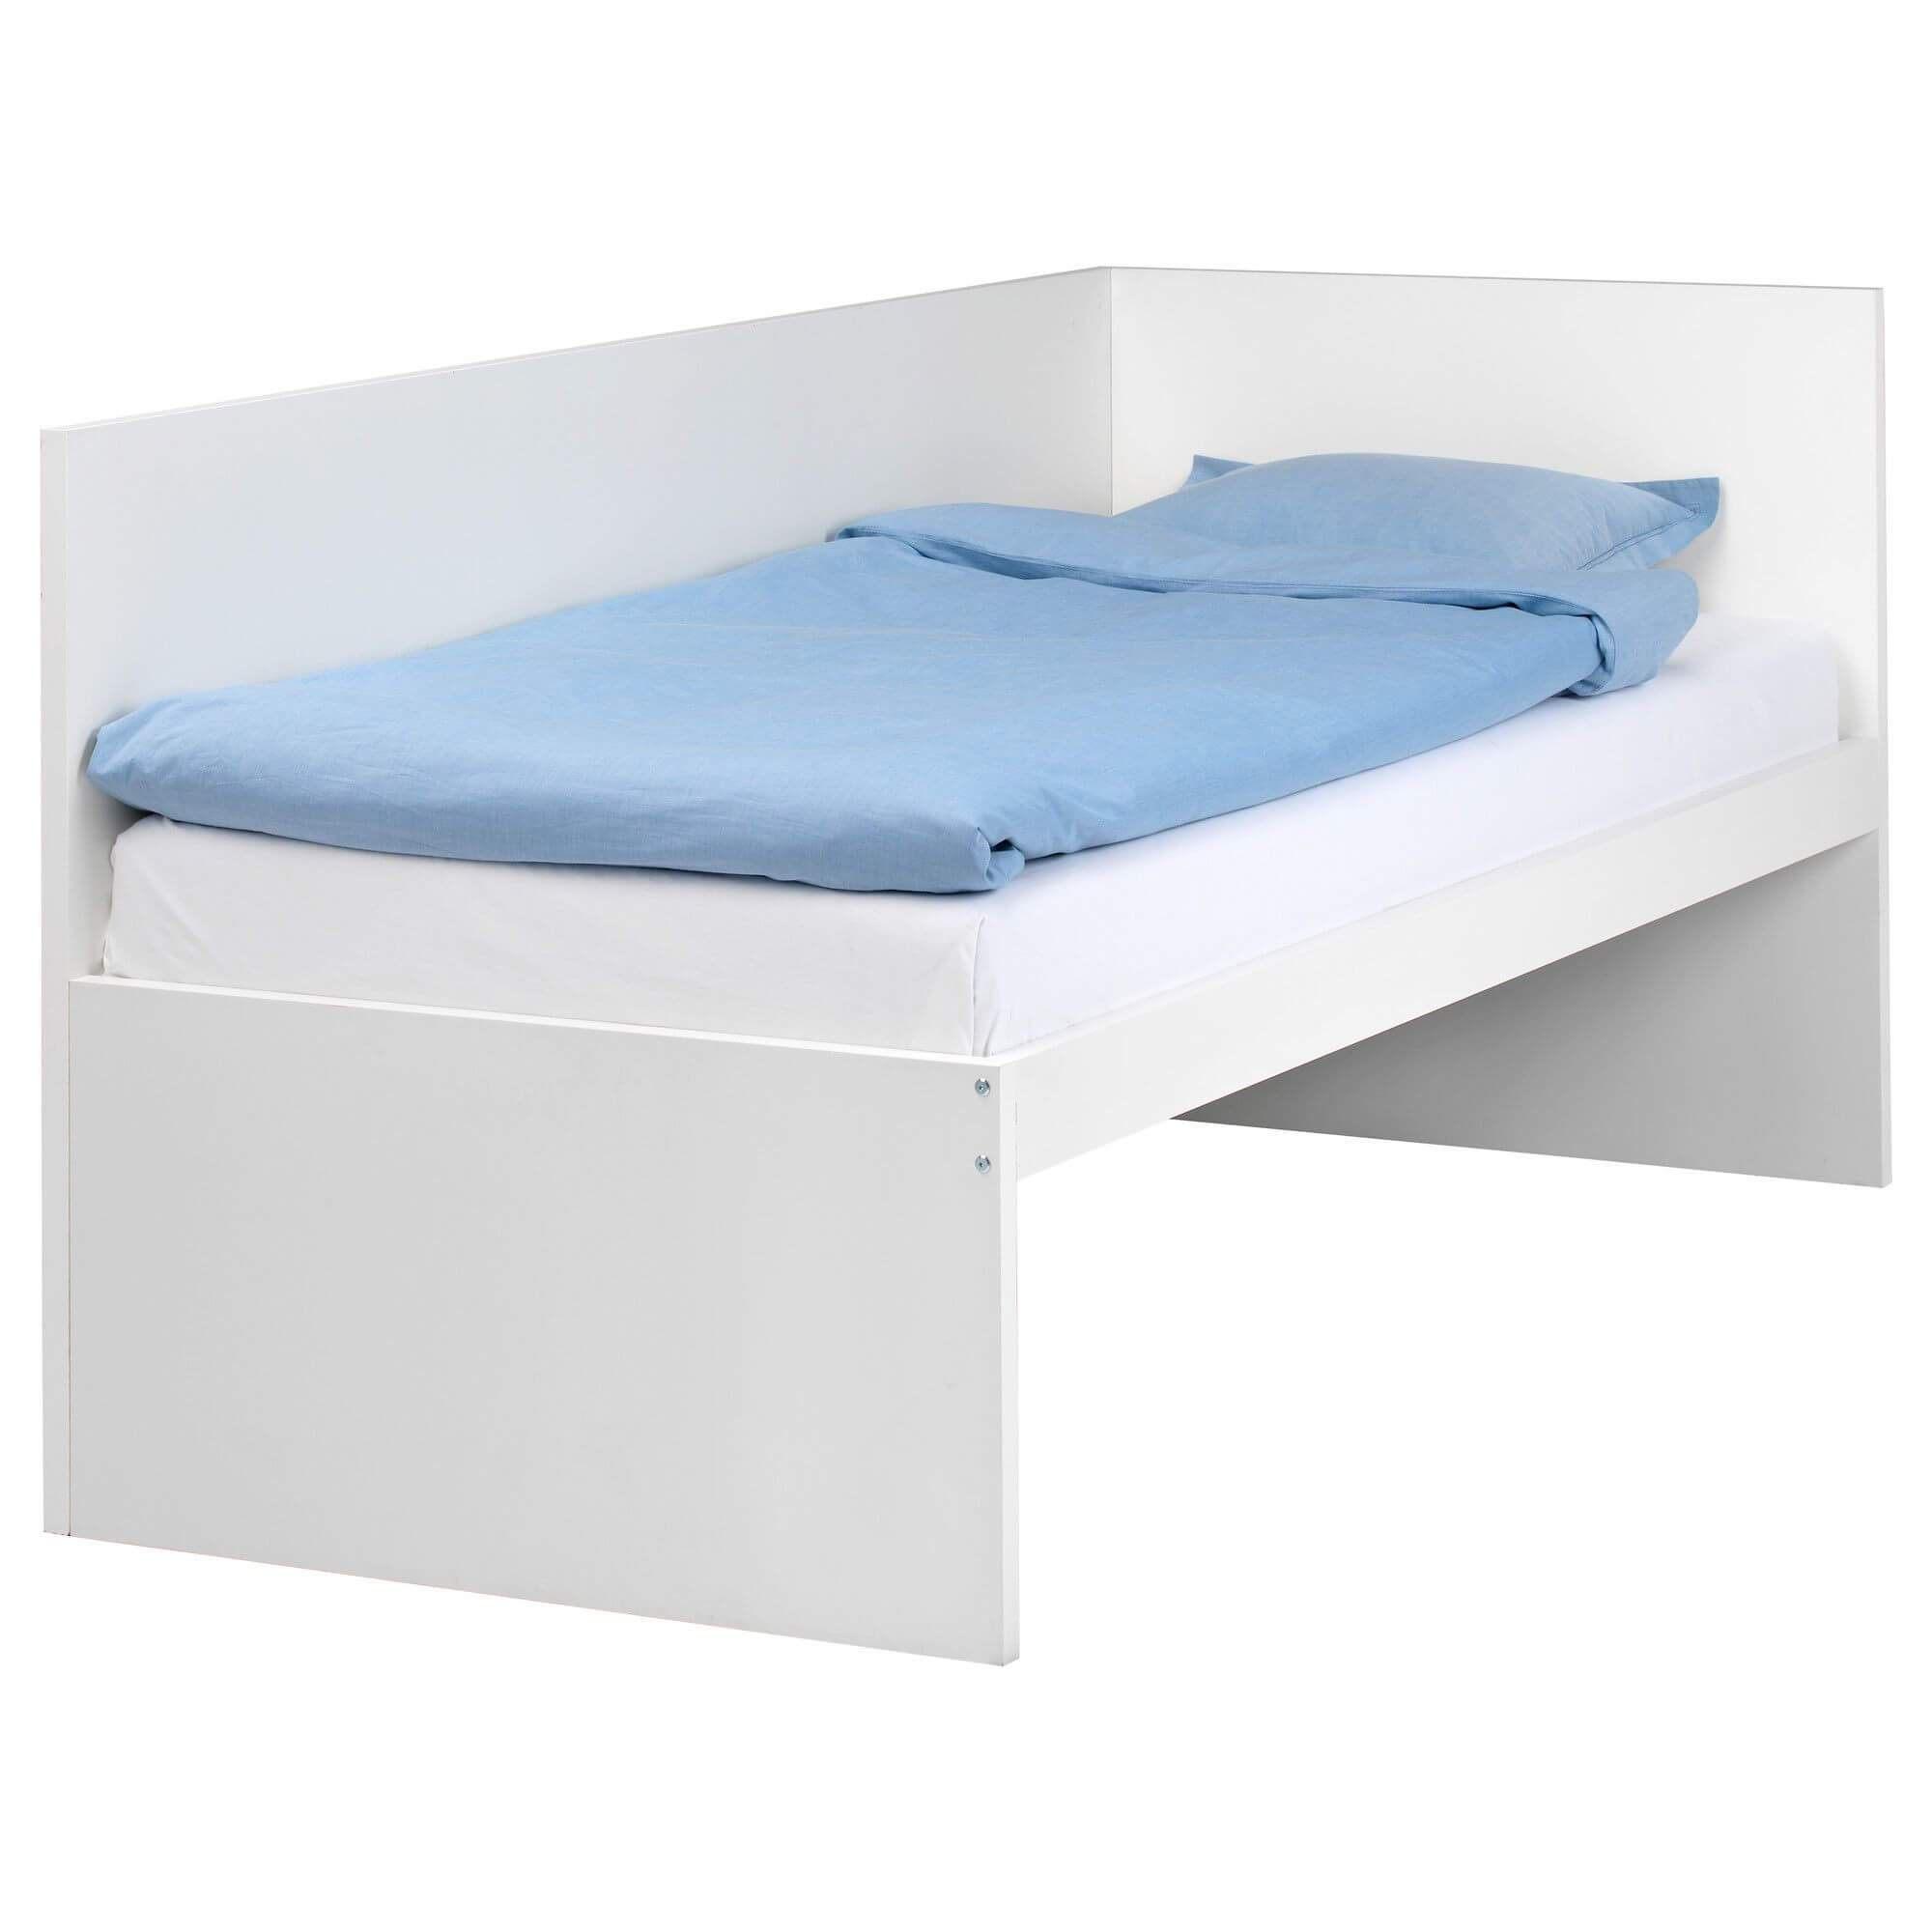 Alèse Lit 160×200 Unique Housse Matelas Ikea 160×200